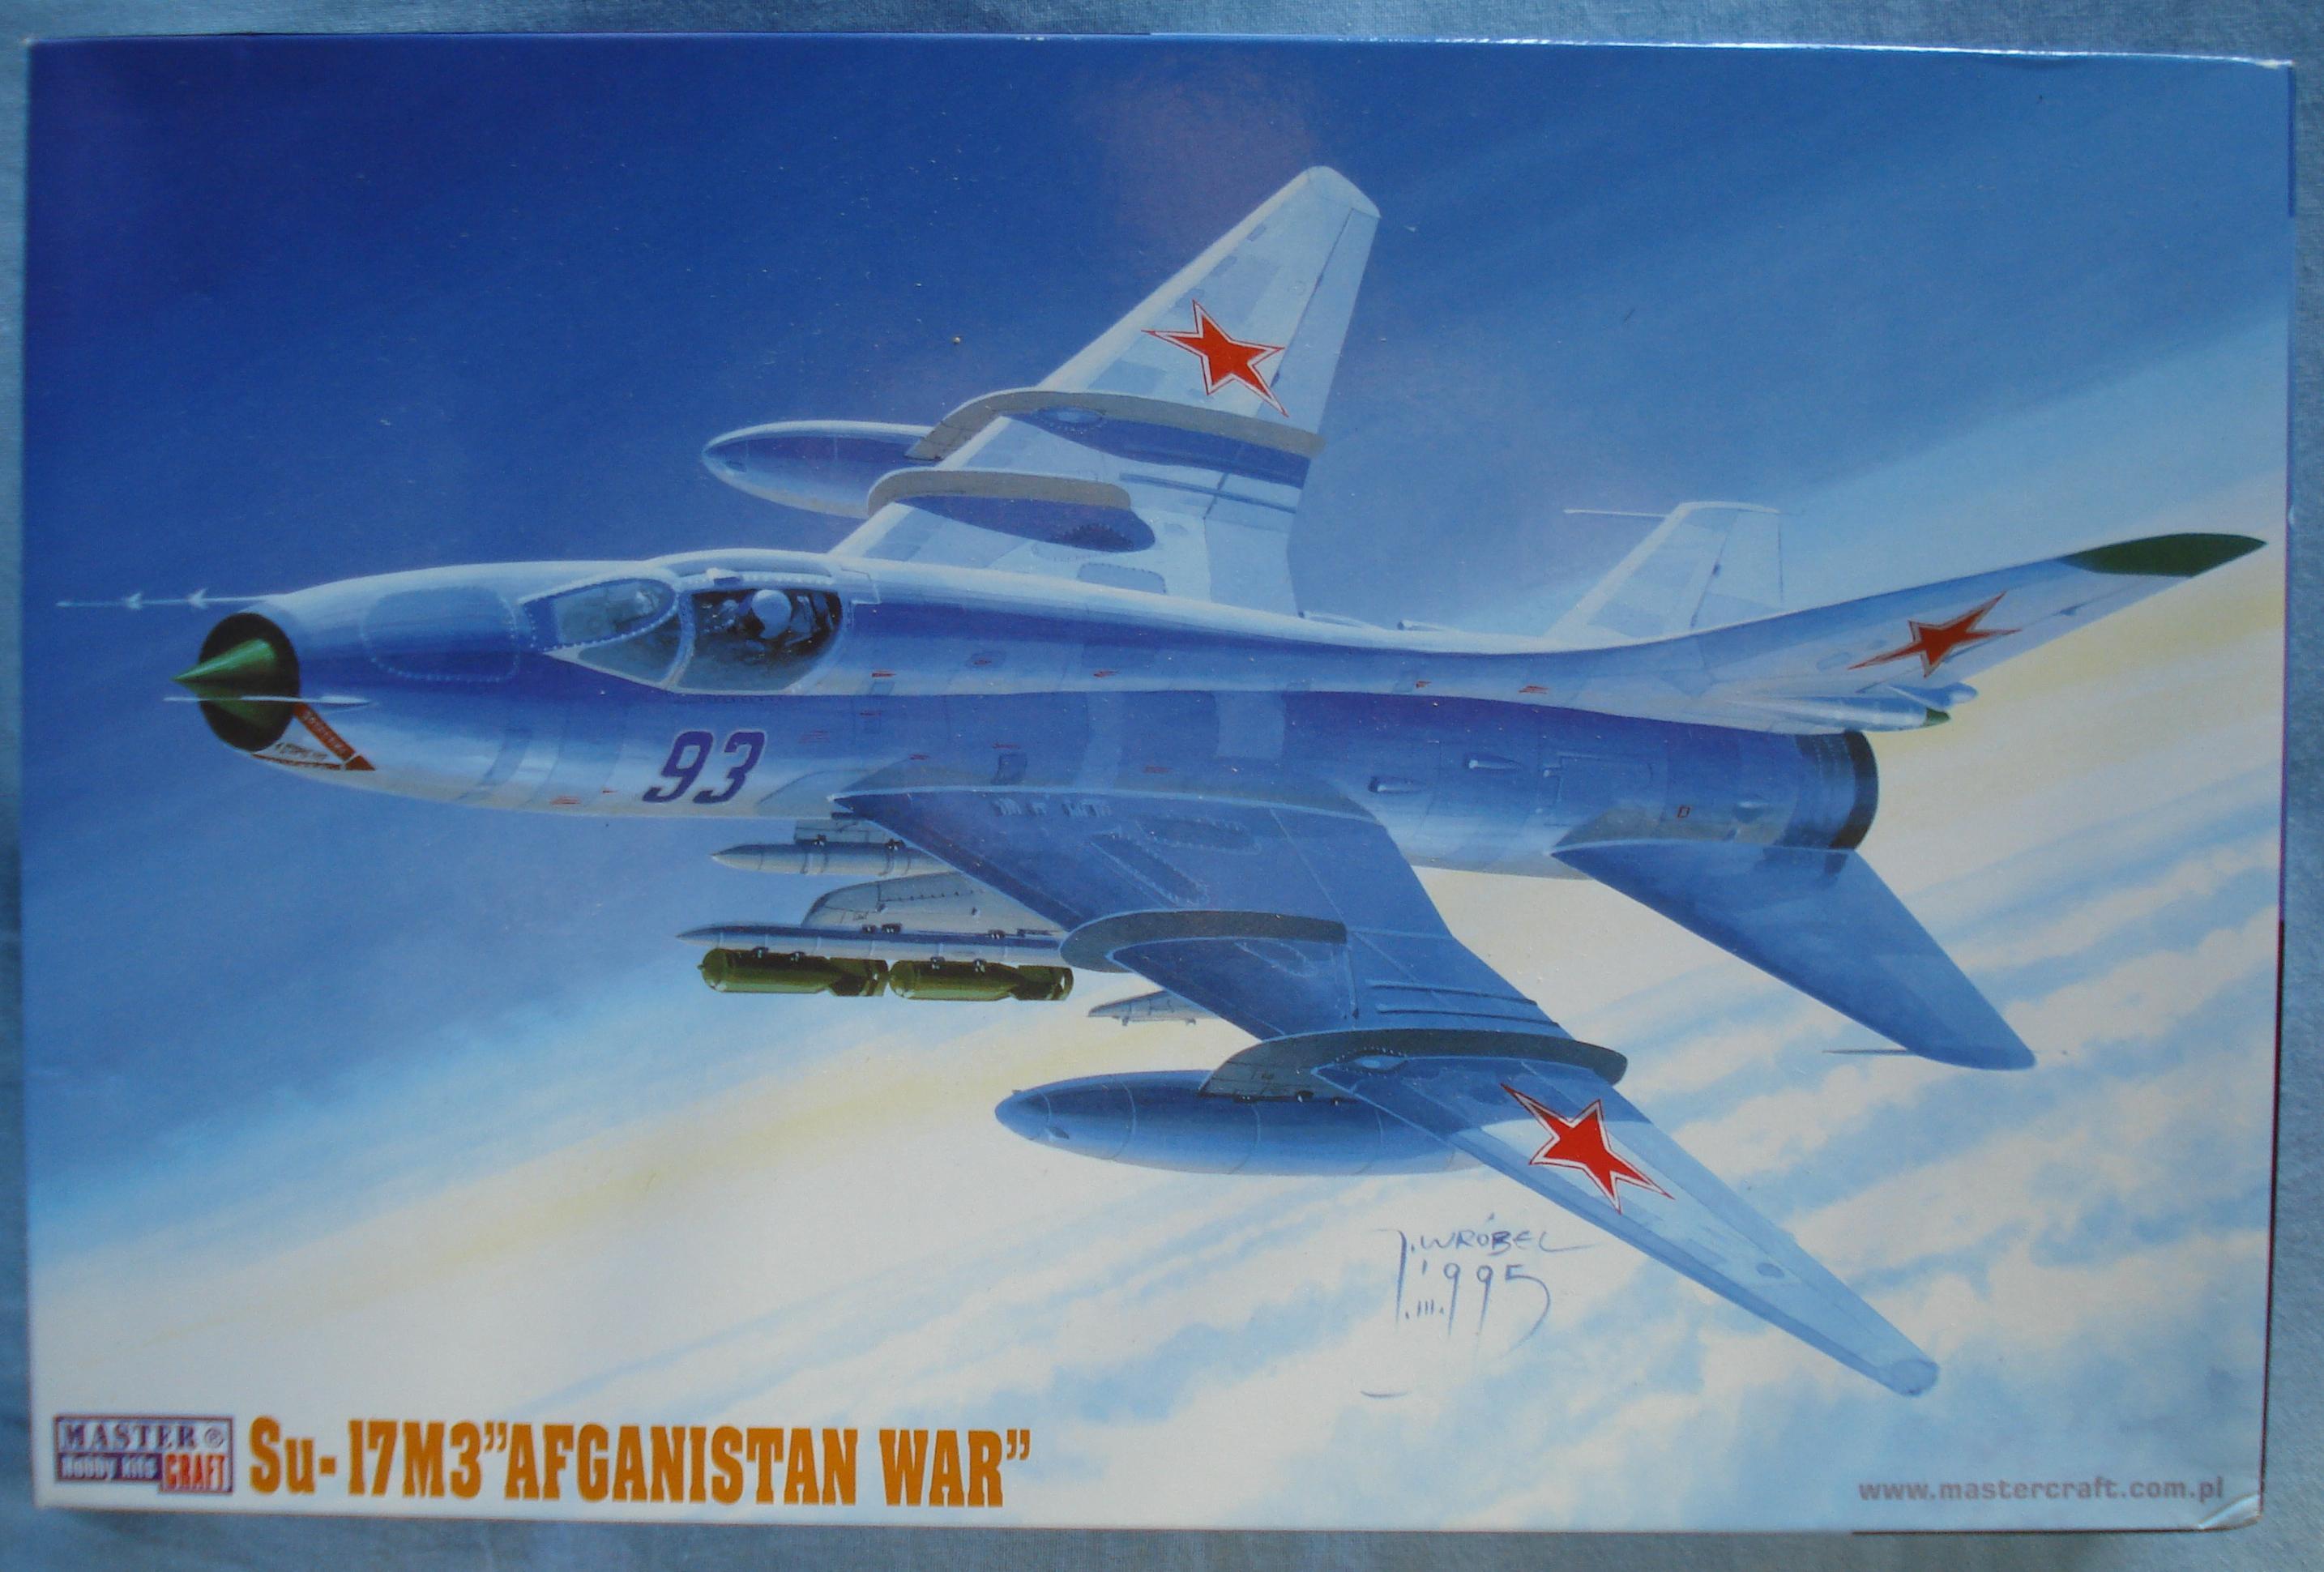 Su-17M3